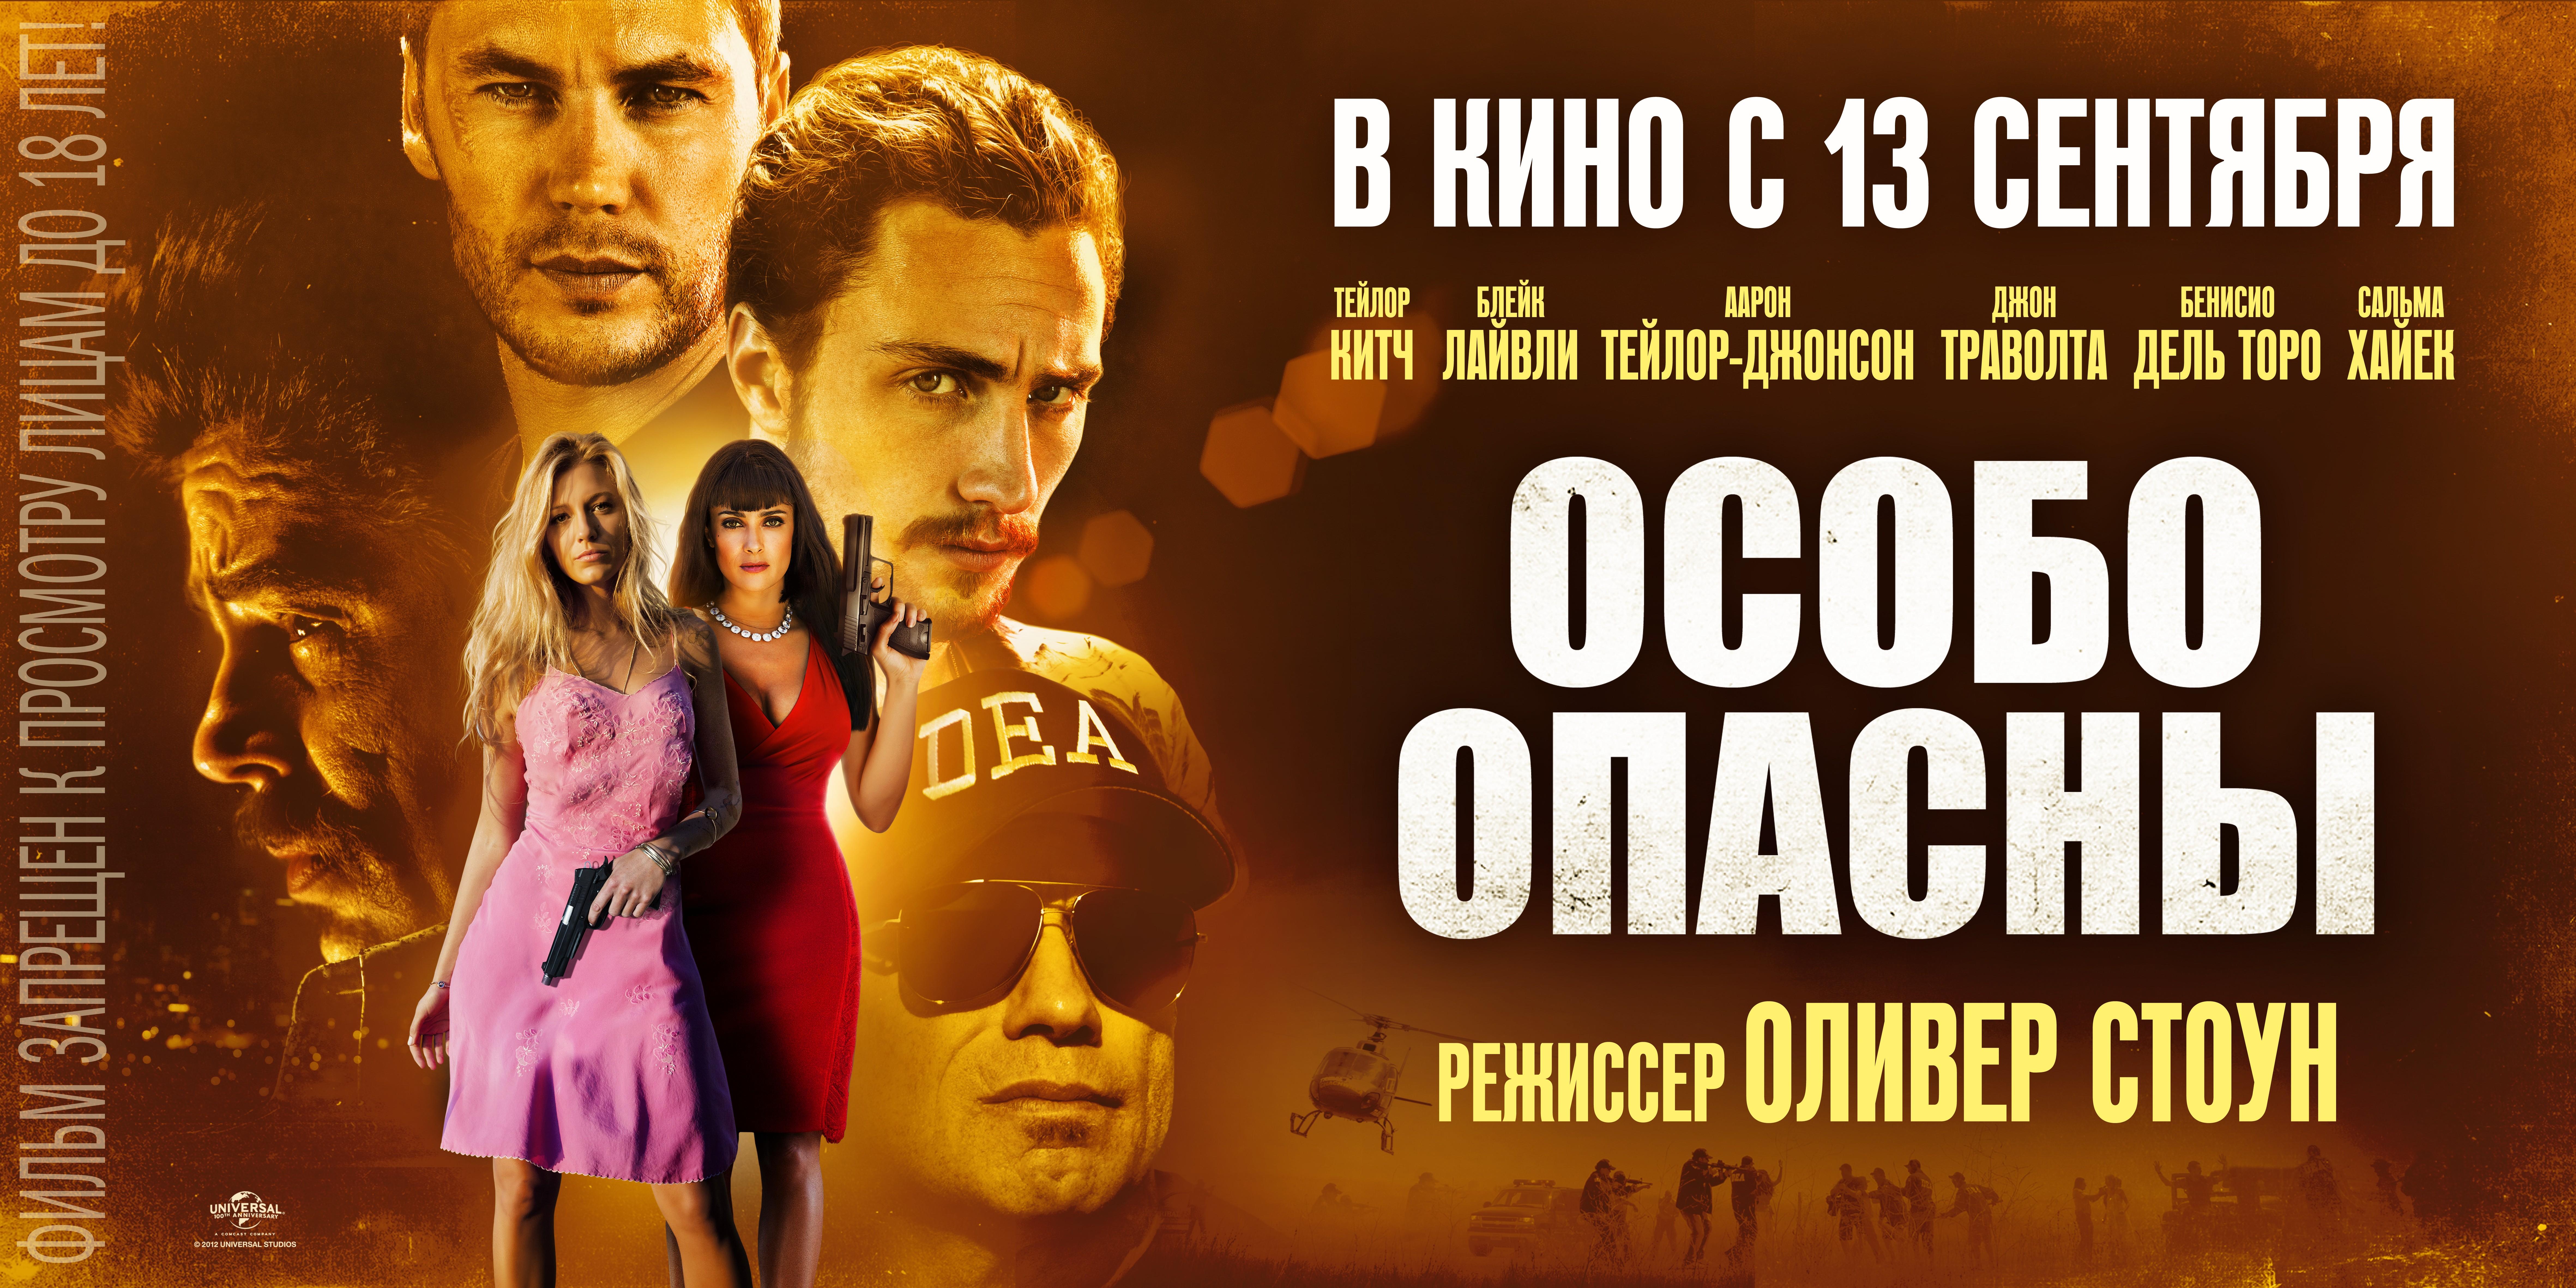 плакат фильма баннер локализованные Особо опасны